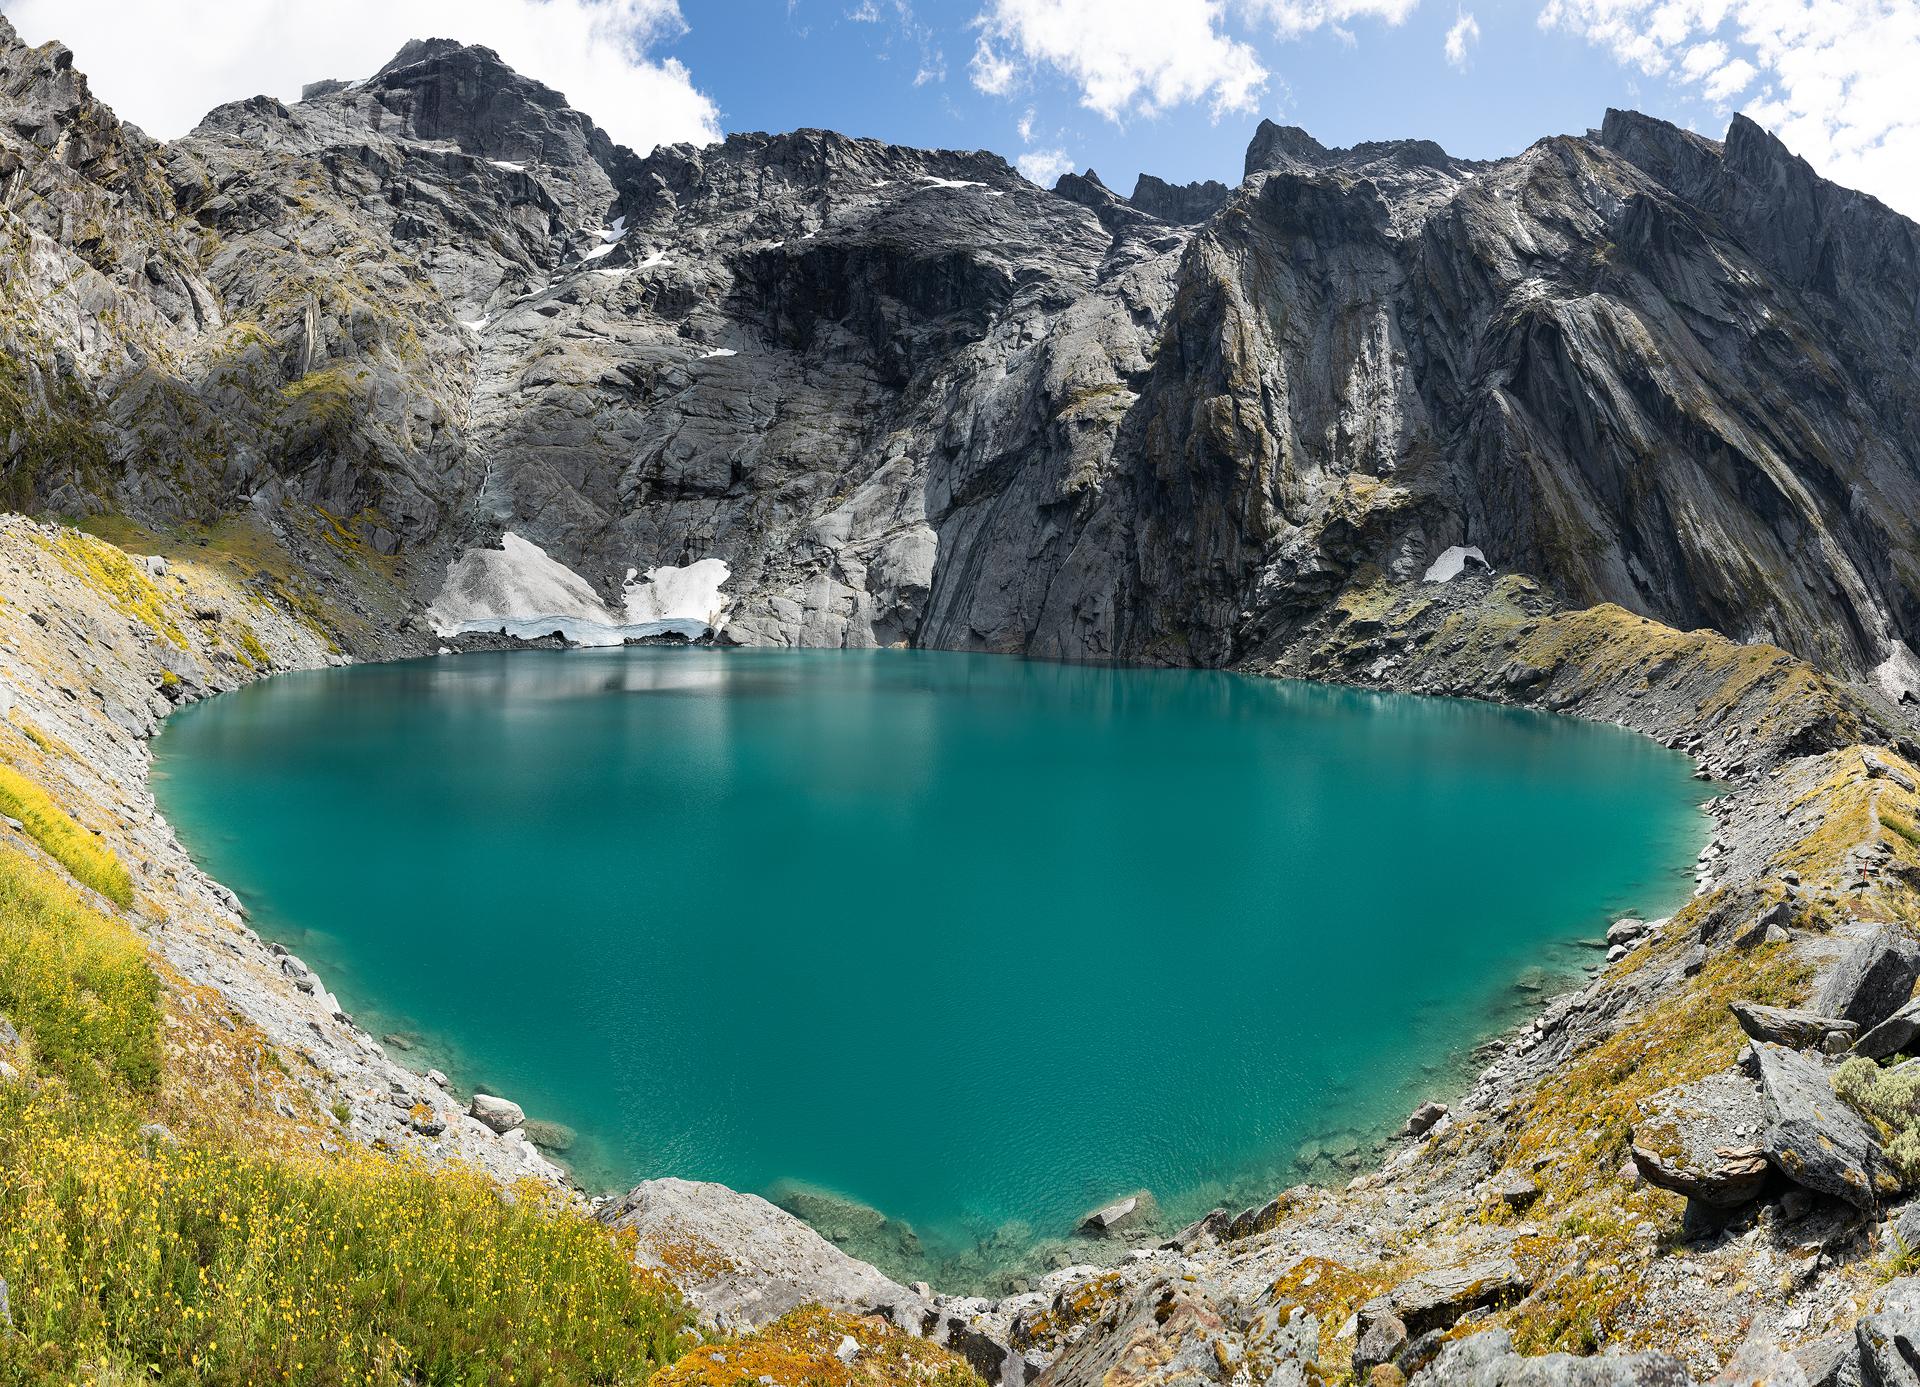 A 30 image pano of Lake Crucible